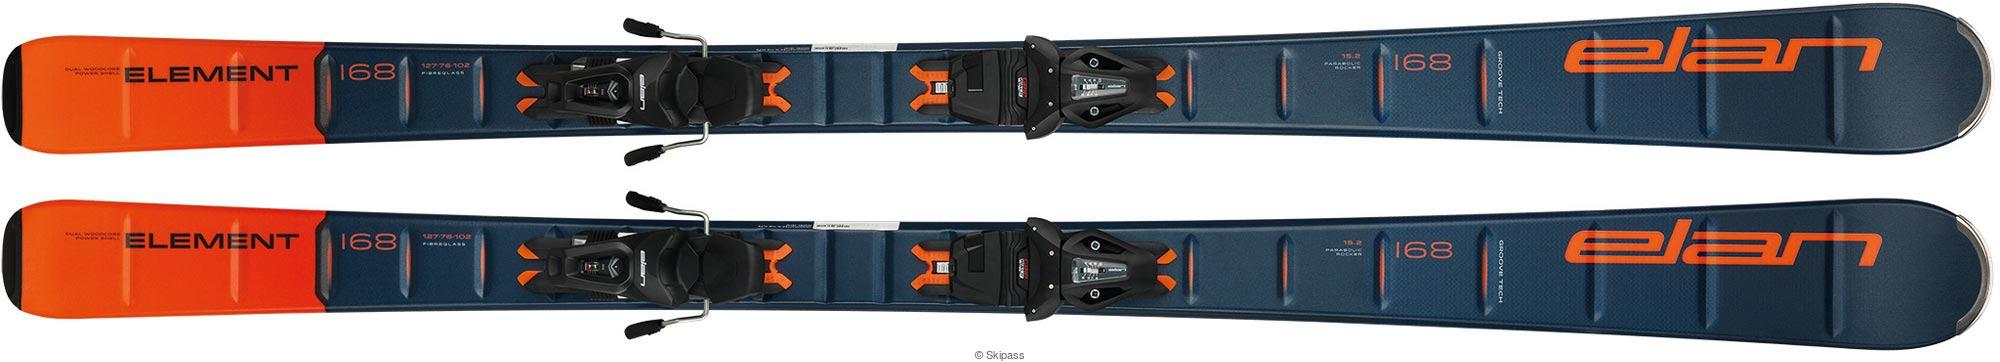 Elan Element blue orange